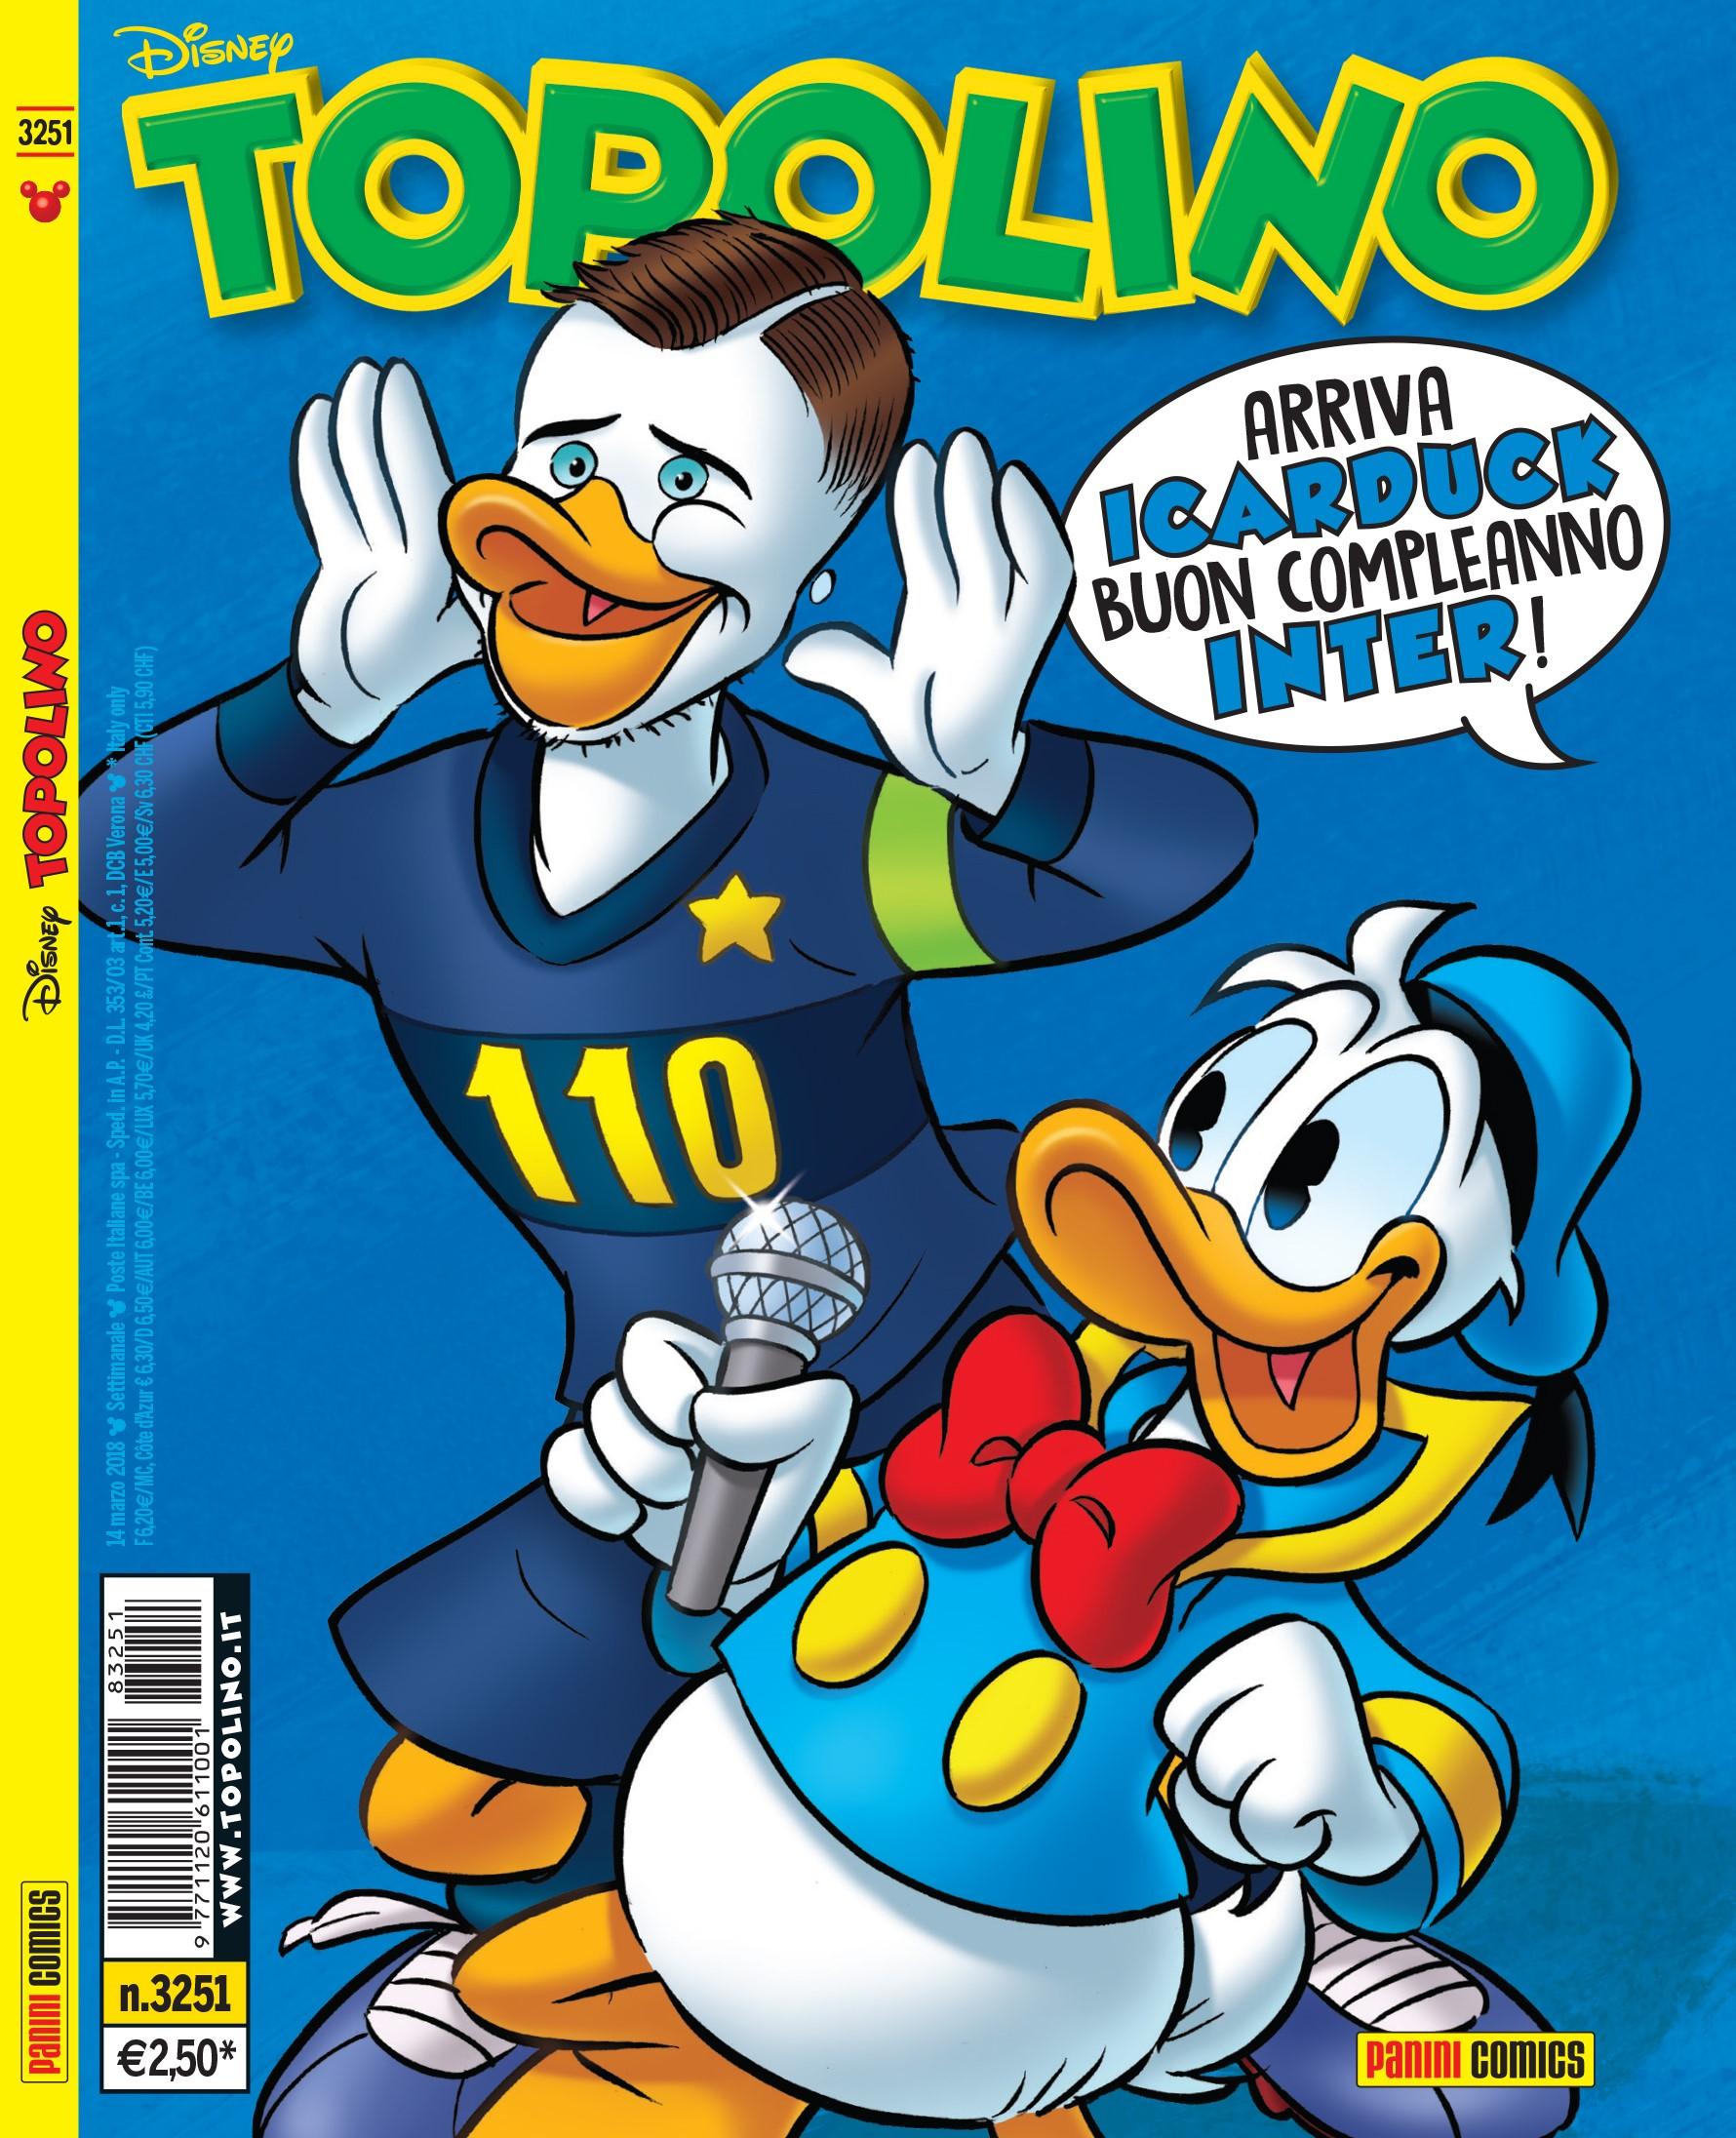 Topolino festeggia i 110 anni dell'Inter: Icardi diventa Icarduck